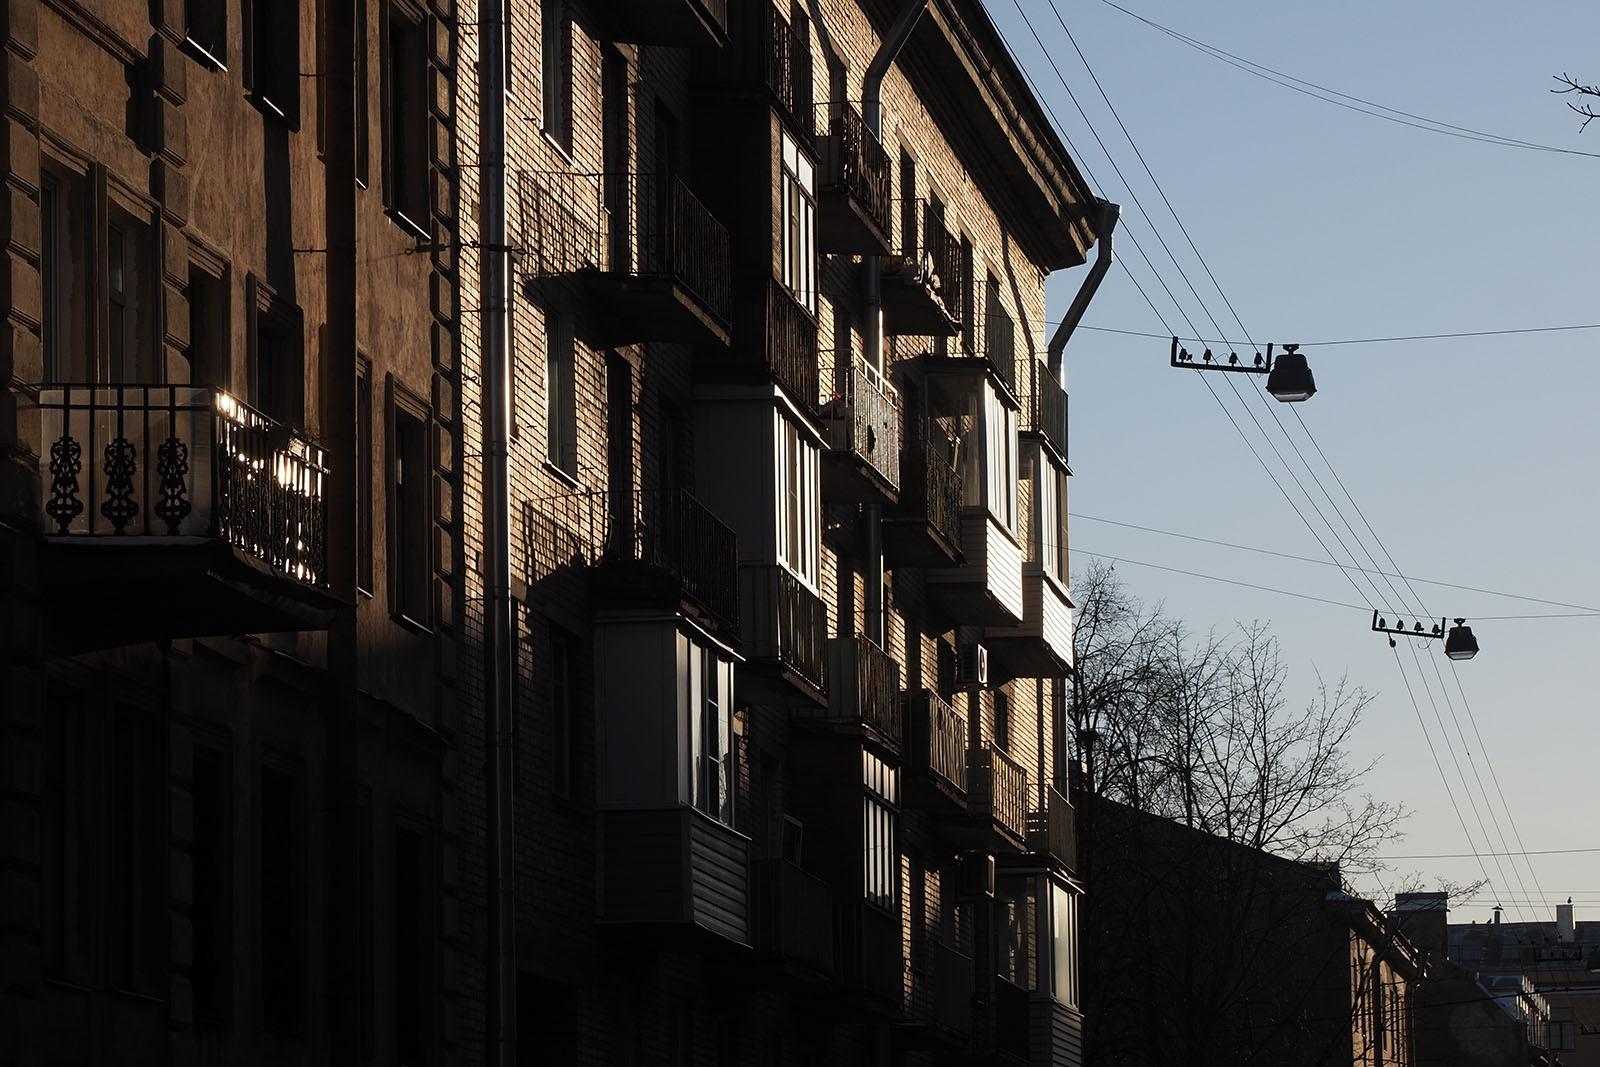 Балконы в законе. Посмотрите, с какими фасадами теперь будет жить Петербург